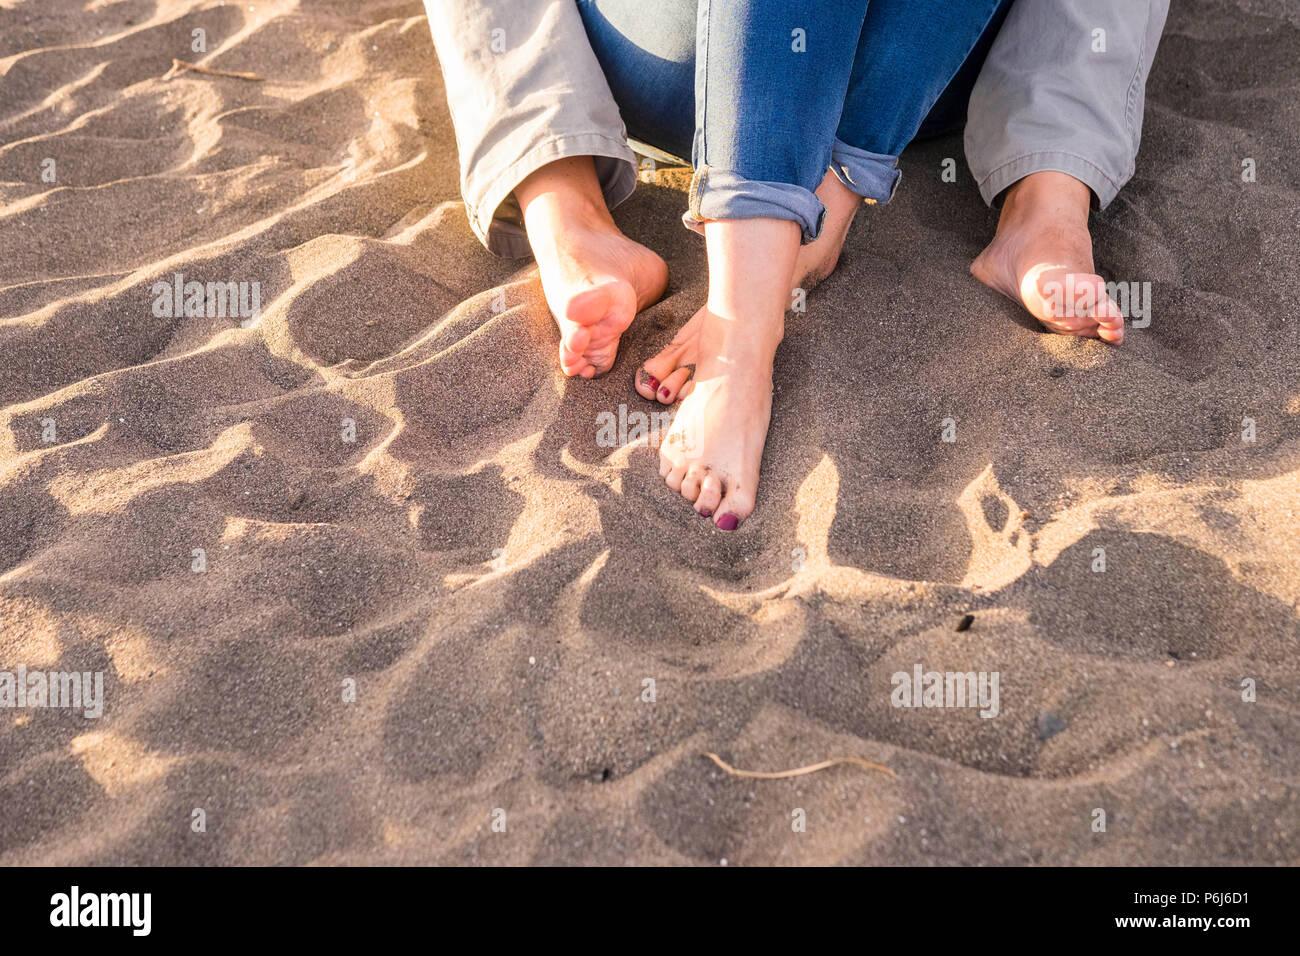 Pieds serra dans une journée ensoleillée d'été à la plage pour des vacances ou activité de loisirs ensemble en couple. l'amour et des relations avec l'homme et la femme t Photo Stock